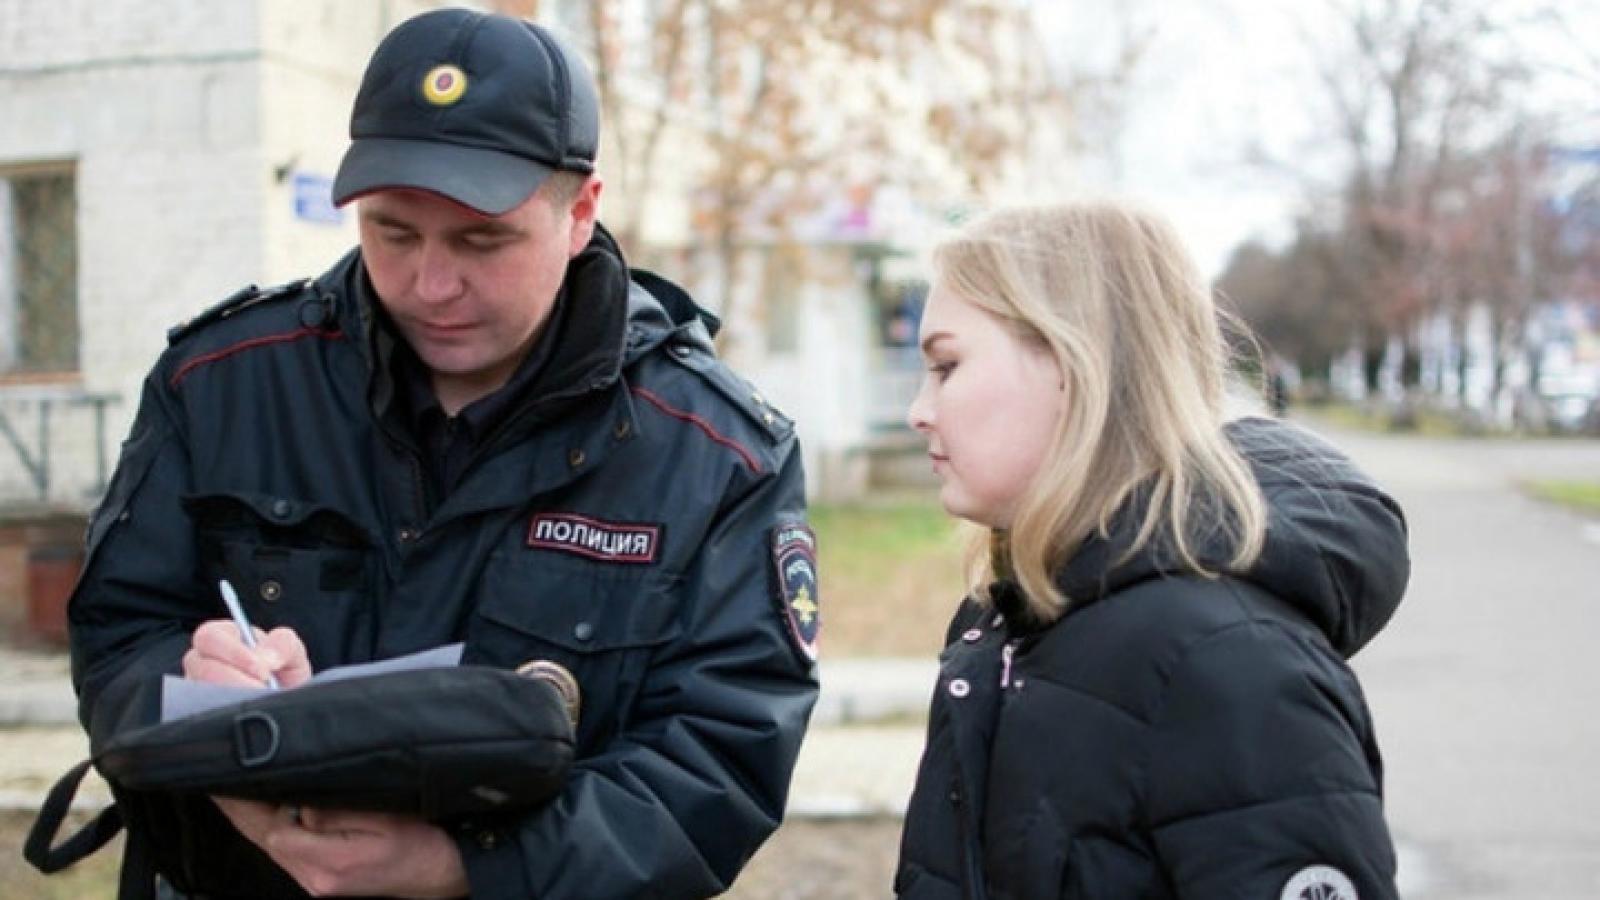 Полицейские хотят узнать мнение о себе